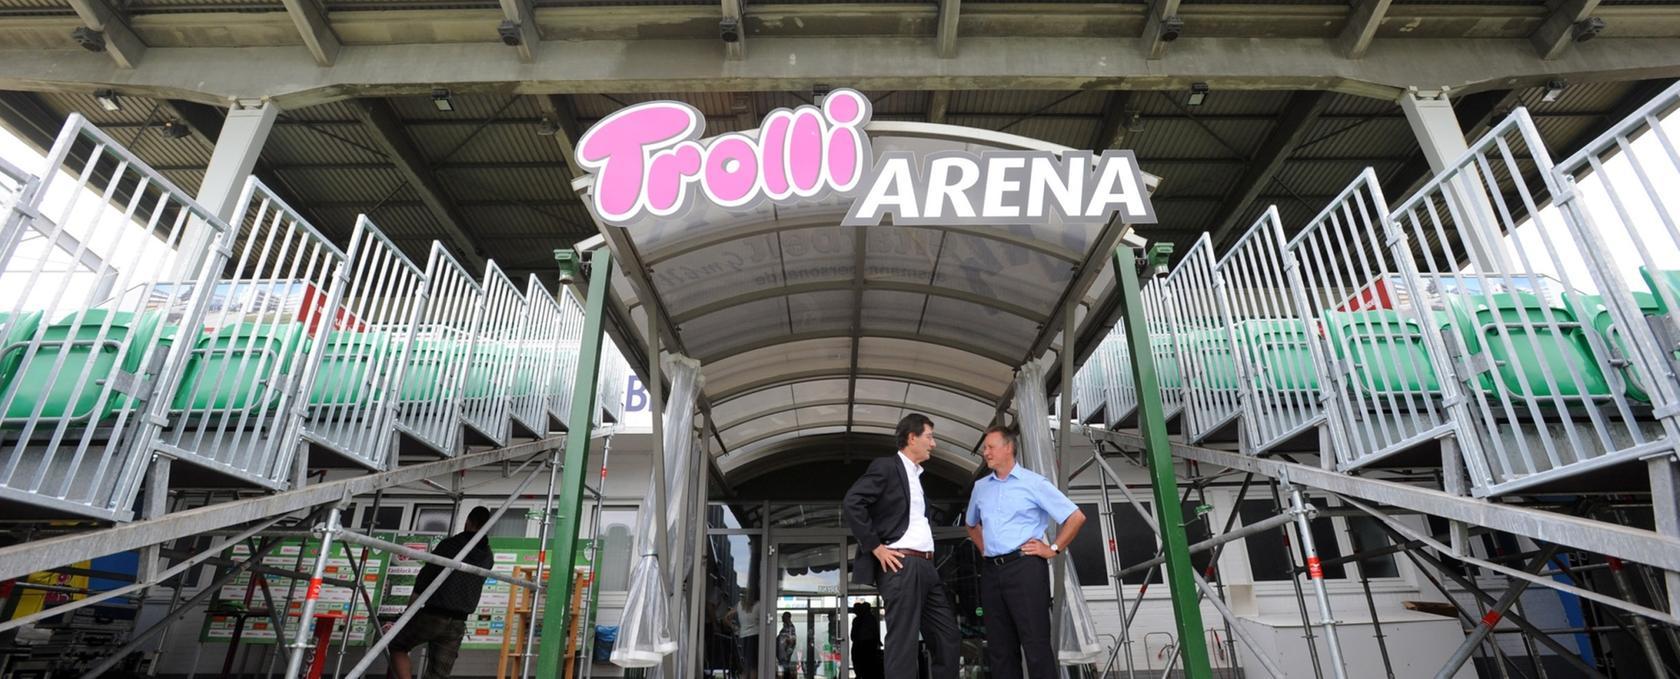 Alles bleibt beim Alten: Die Heimspielstätte der SpVgg Greuther Fürth trägt noch ein Jahr lang den Namen